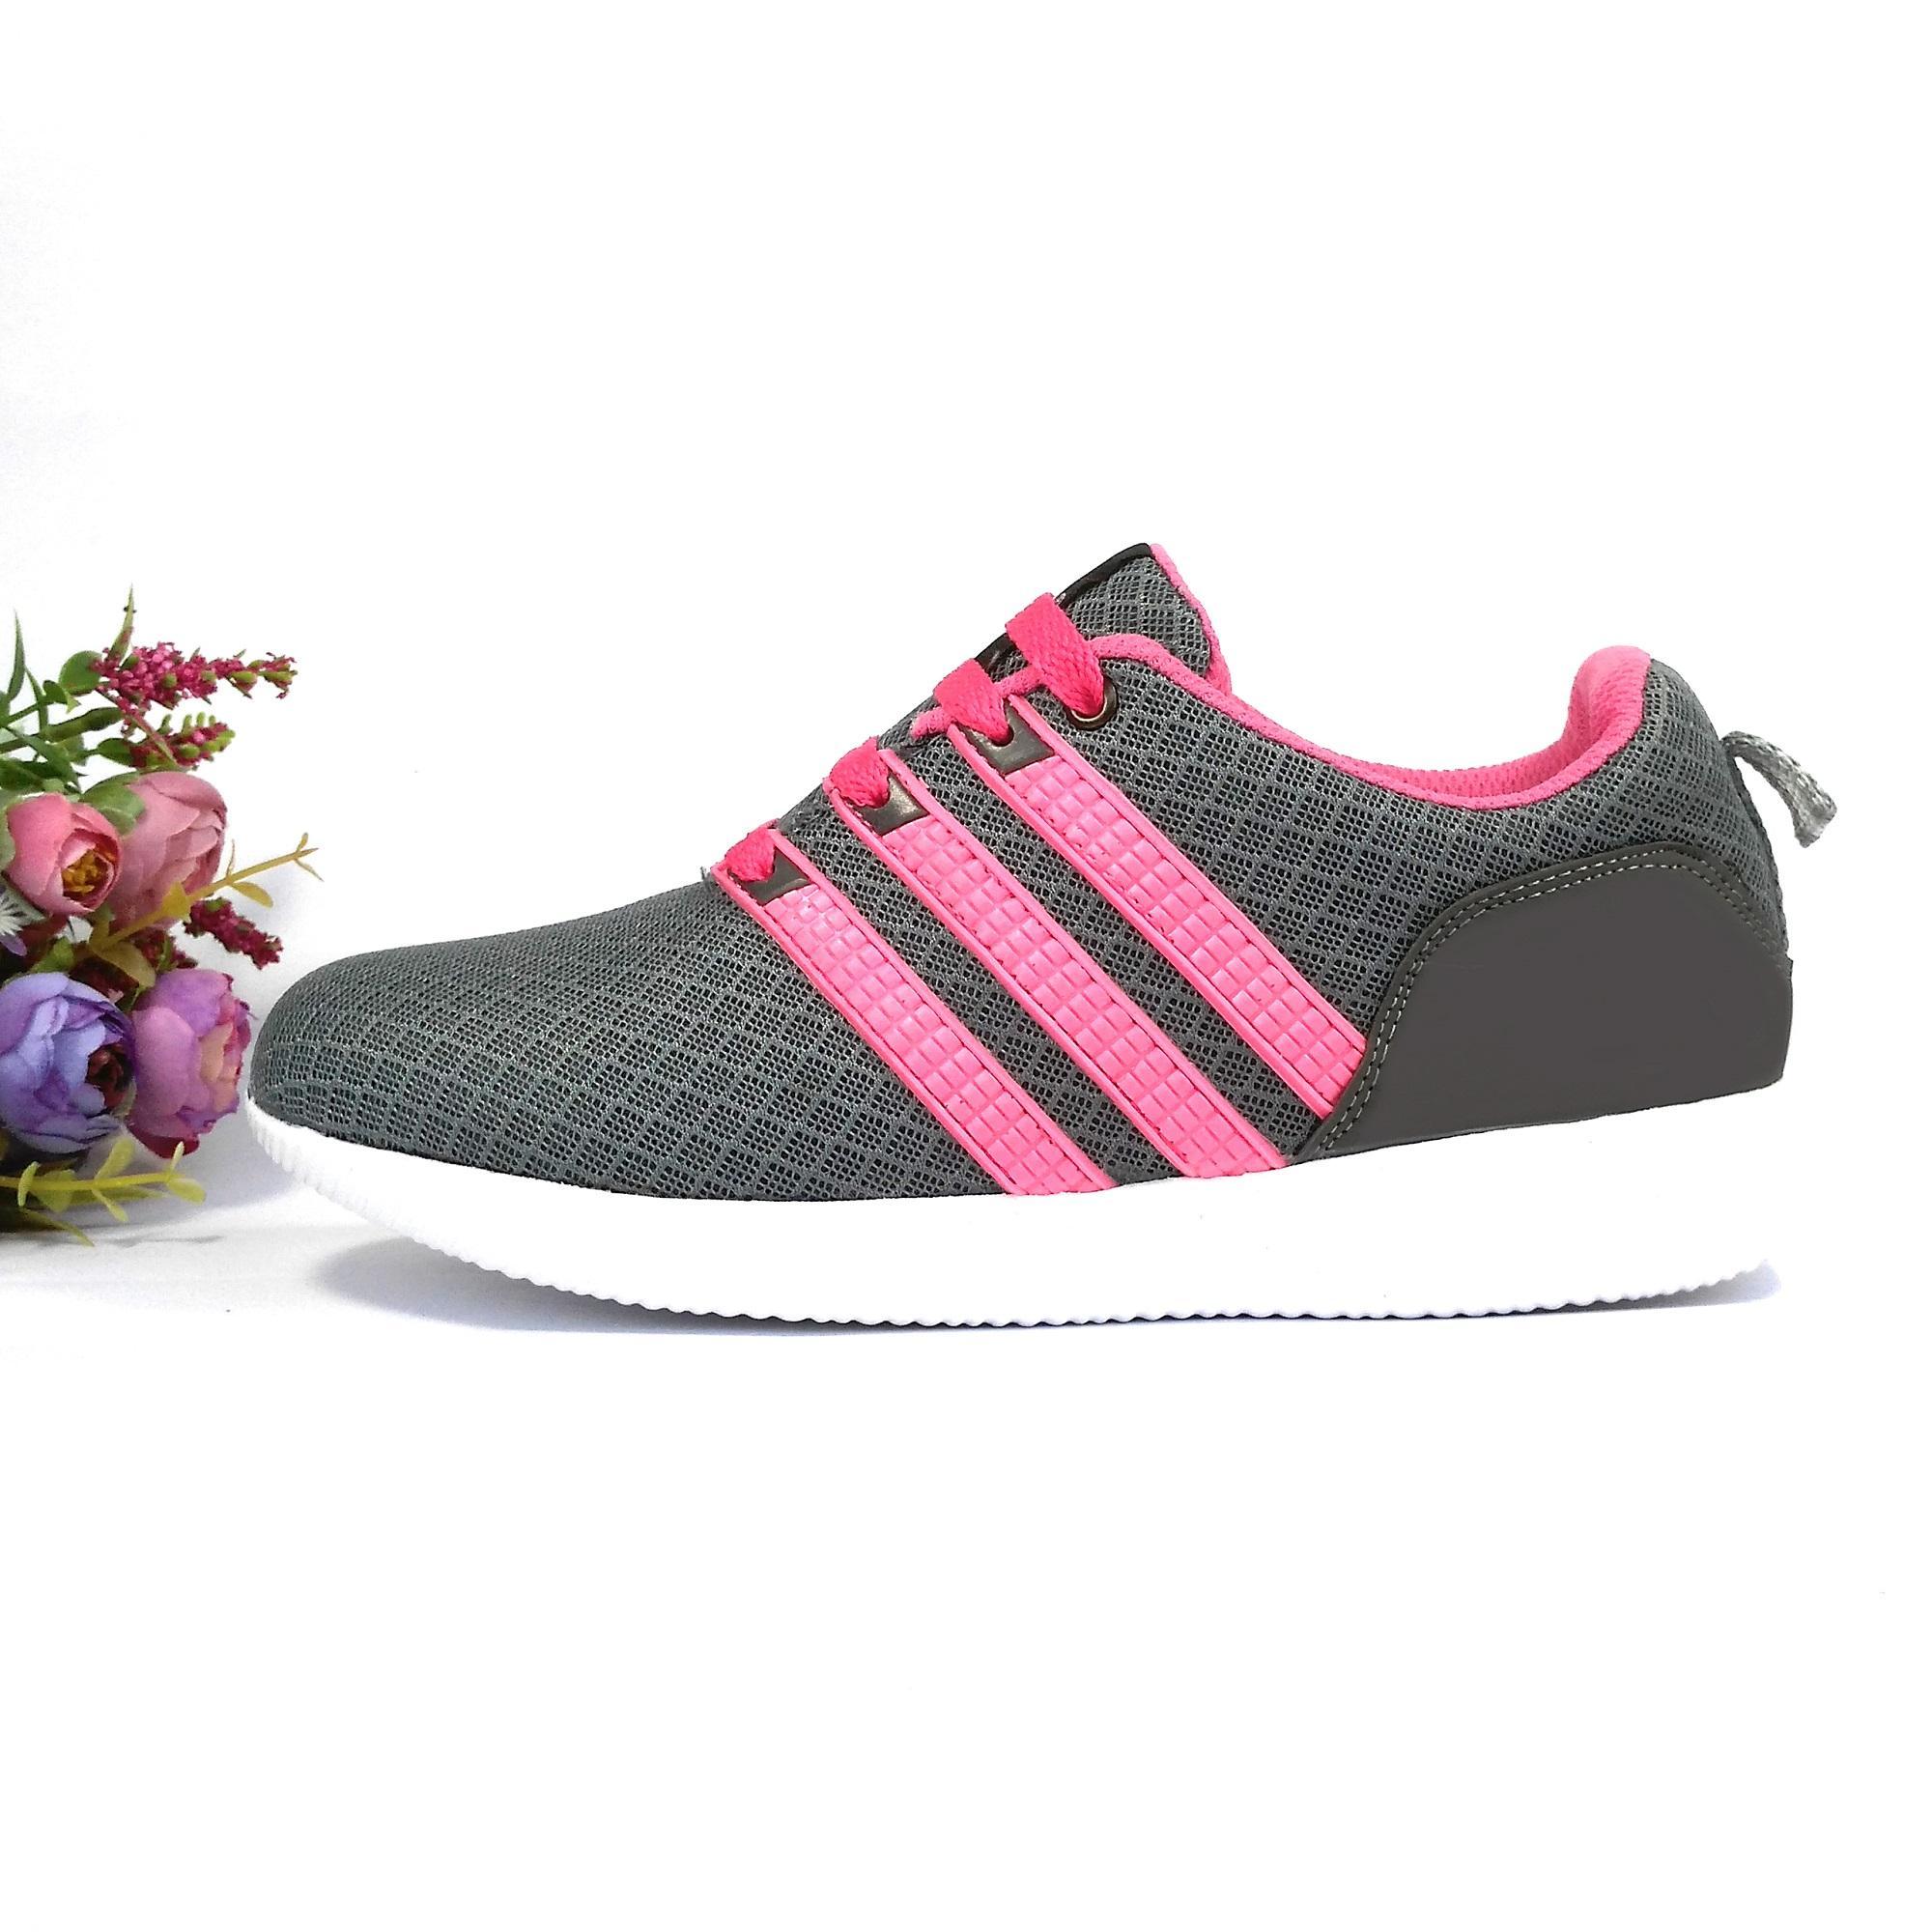 HQo Sepatu Wanita Sepatu Kets Wanita Sol Hak Tinggi Sepatu Sneakers Wanita Sepatu